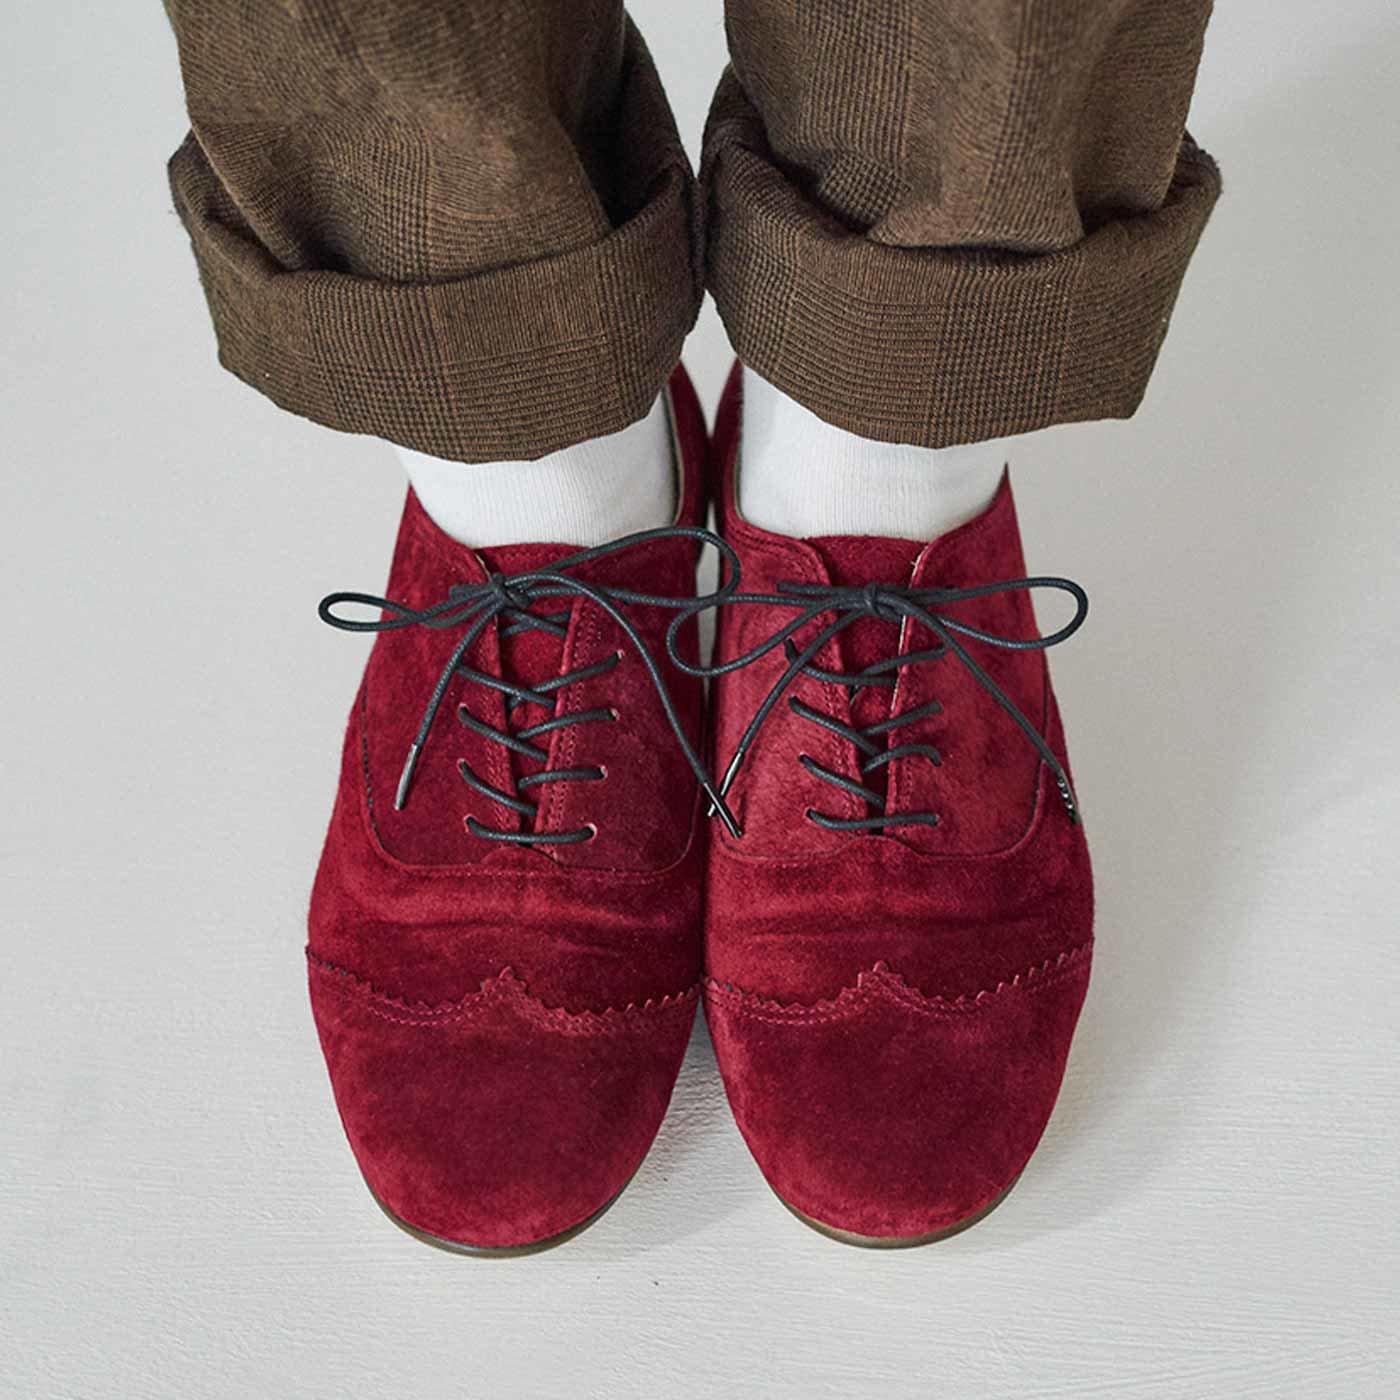 長田靴職人の本革仕立て シンプルレースアップ スエードシューズ〈ワインレッド〉[本革 靴:日本製]